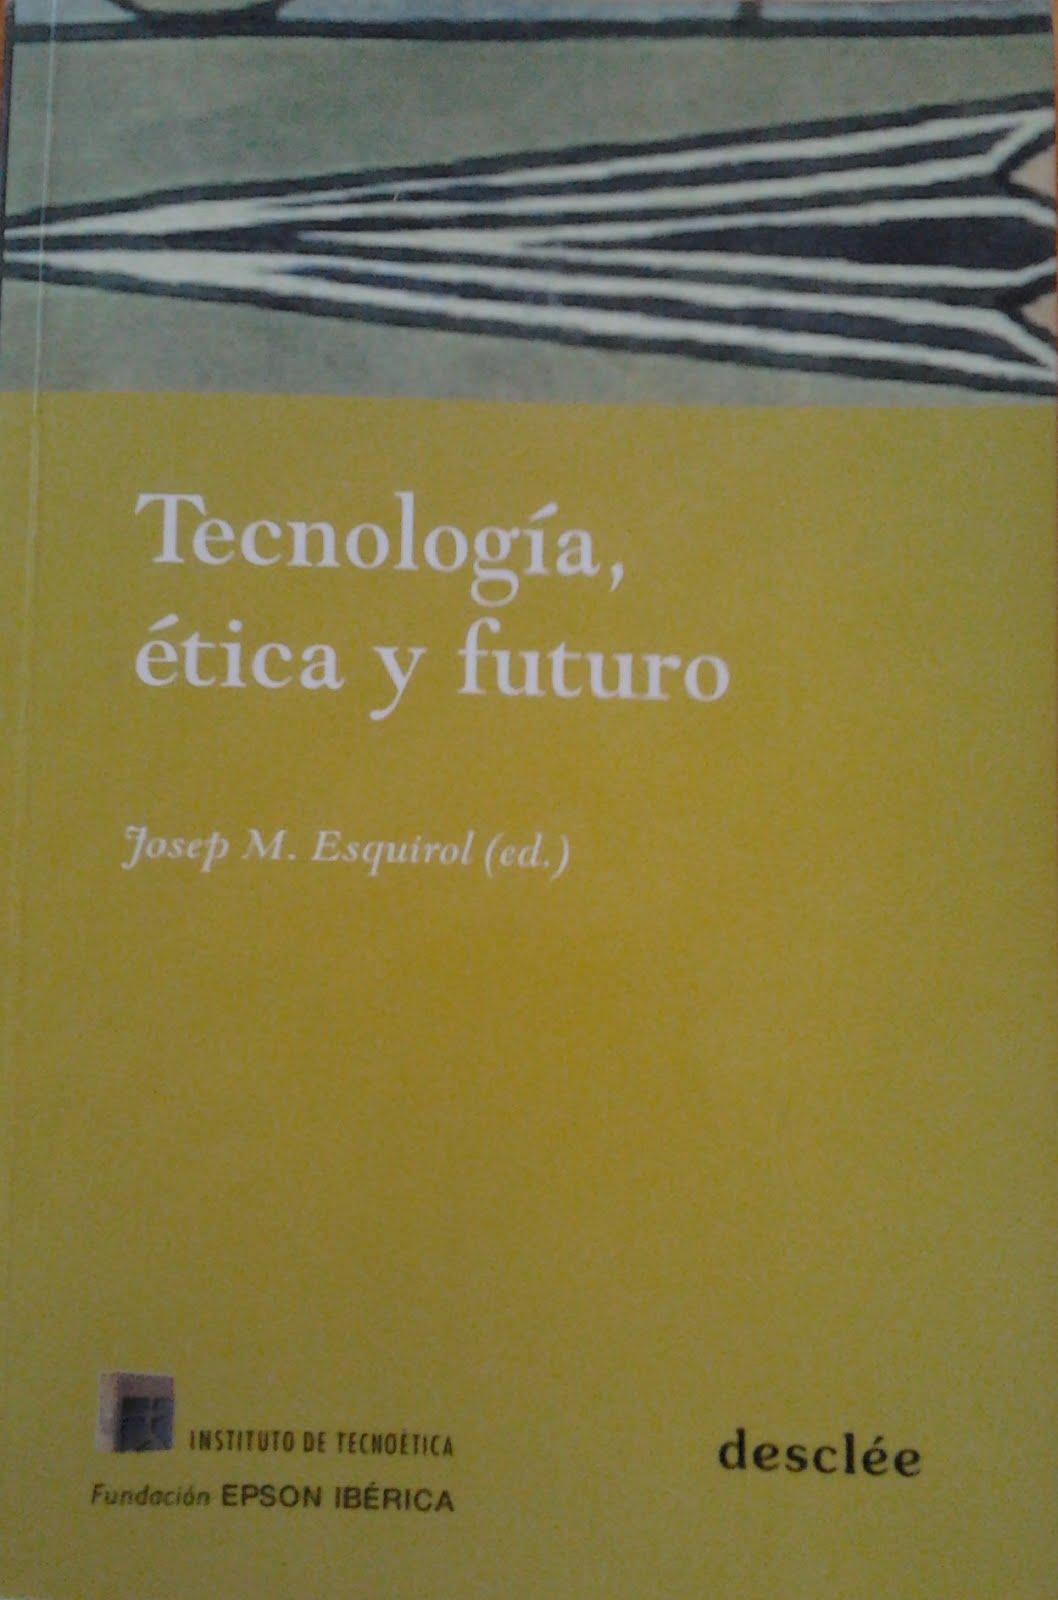 Tecnología, ética y futuro.